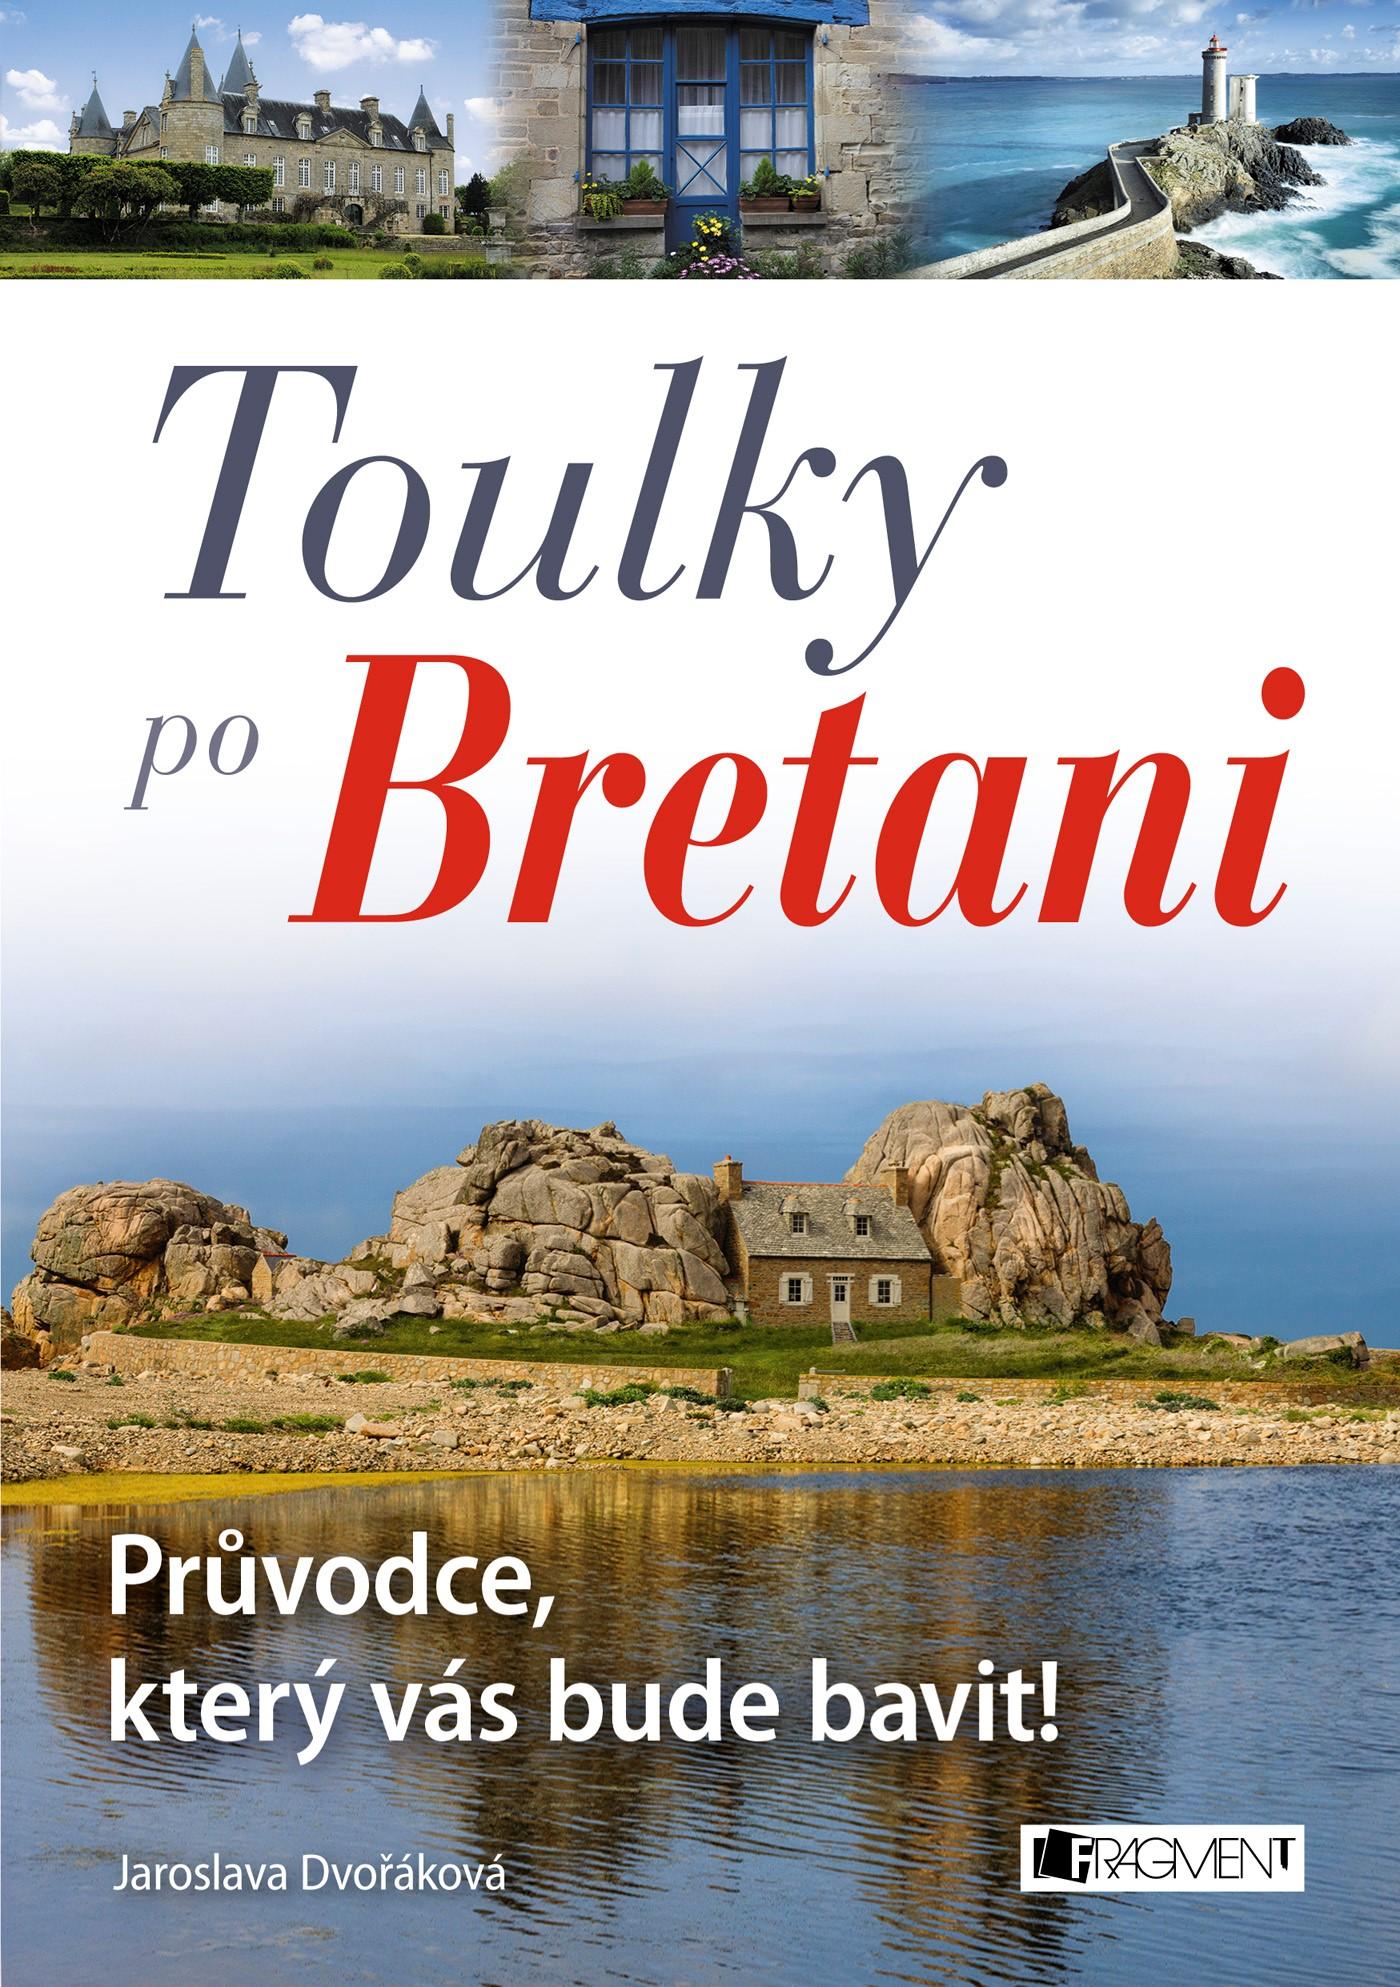 Toulky po Bretani – Průvodce, který vás bude bavit!